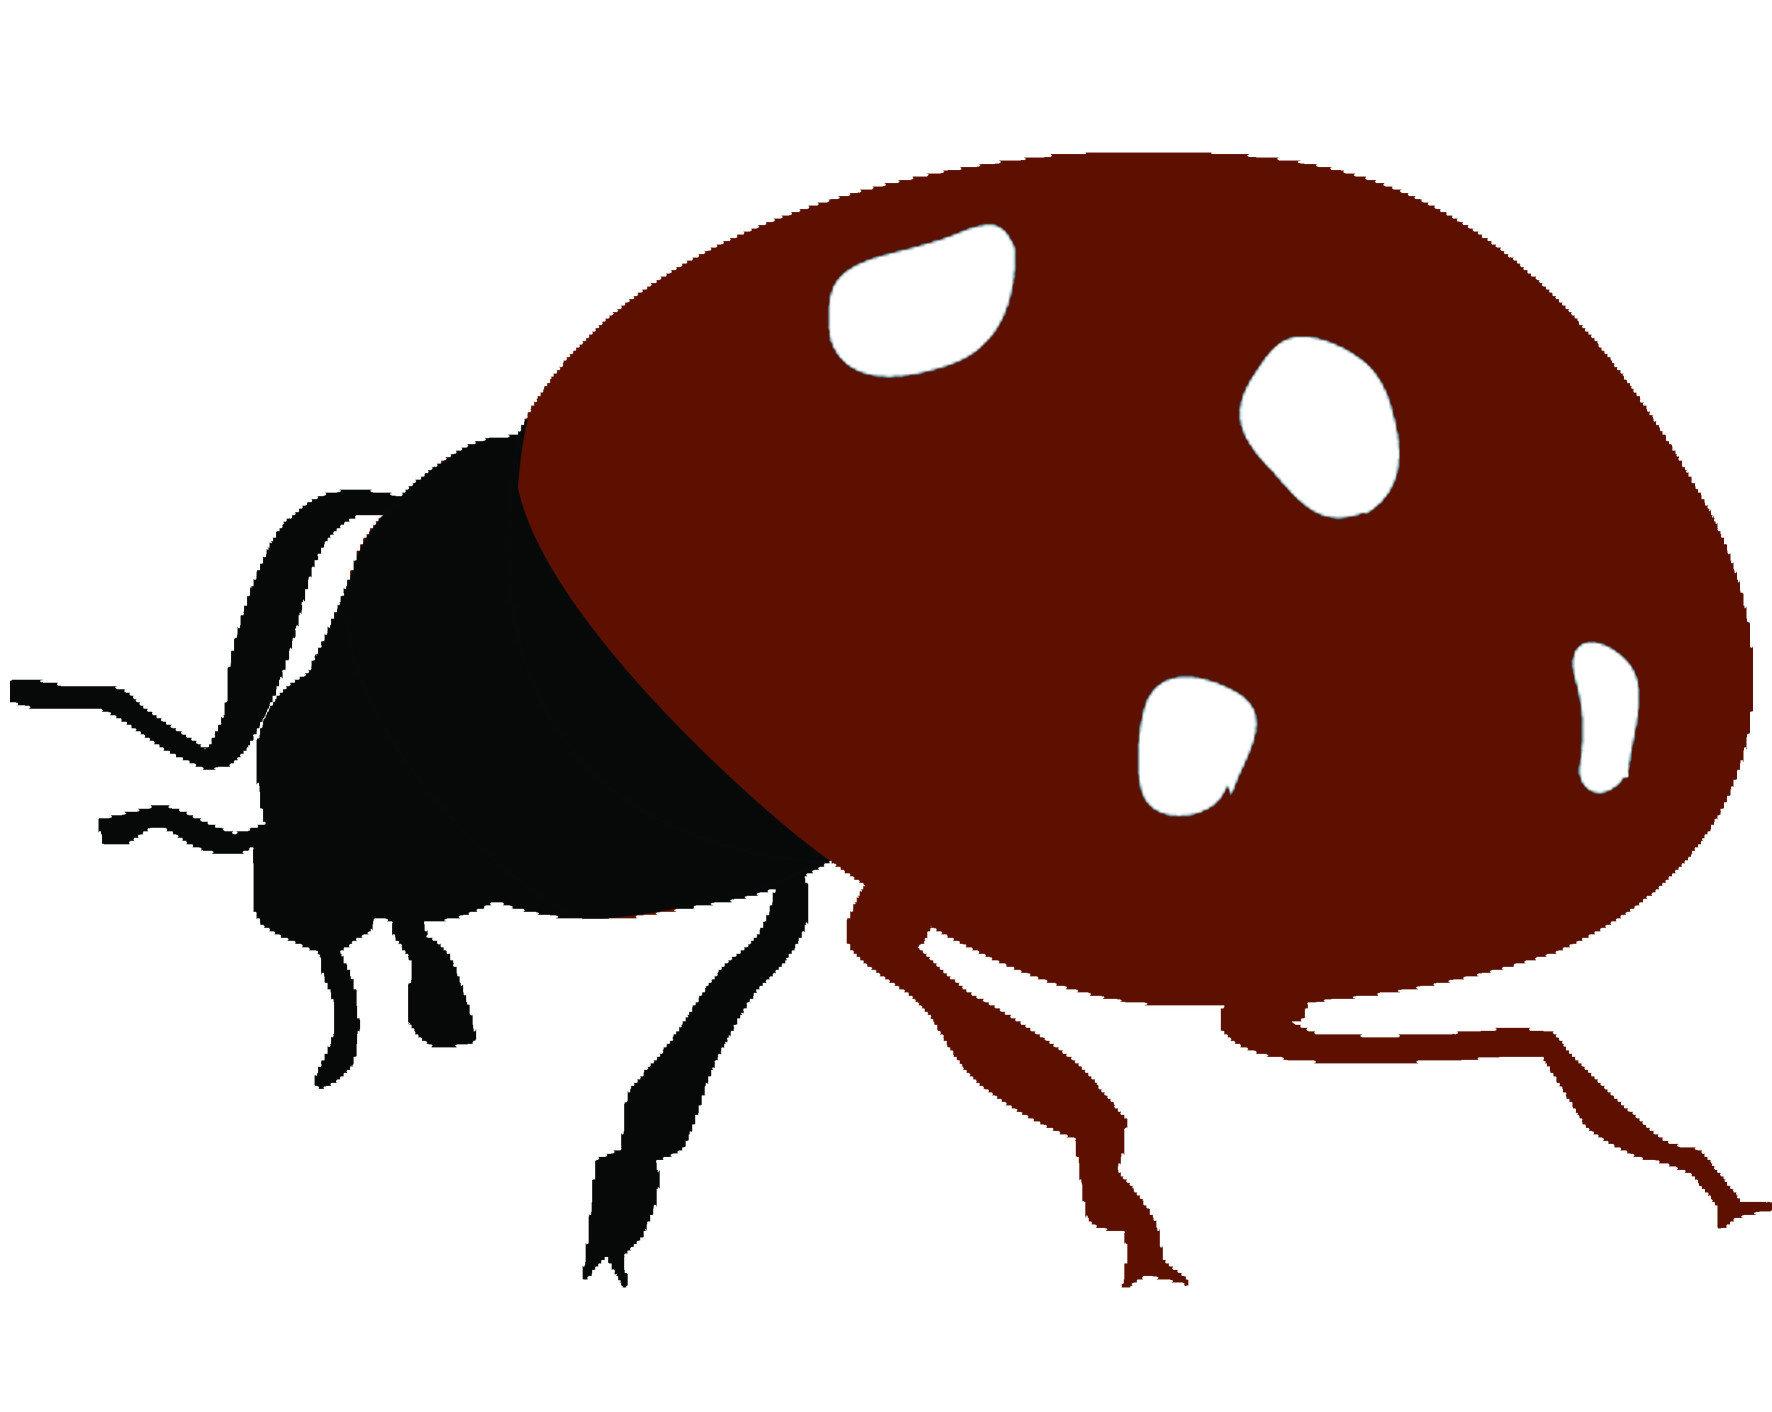 為了防治介殼蟲,民間、政府可說都盡了一切力量。過去引進了一種名為「孟氏隱唇瓢蟲」的肉食瓢蟲作為生物防治,牠們的食量很大,且非常喜愛食用介殼蟲與其蟲卵。